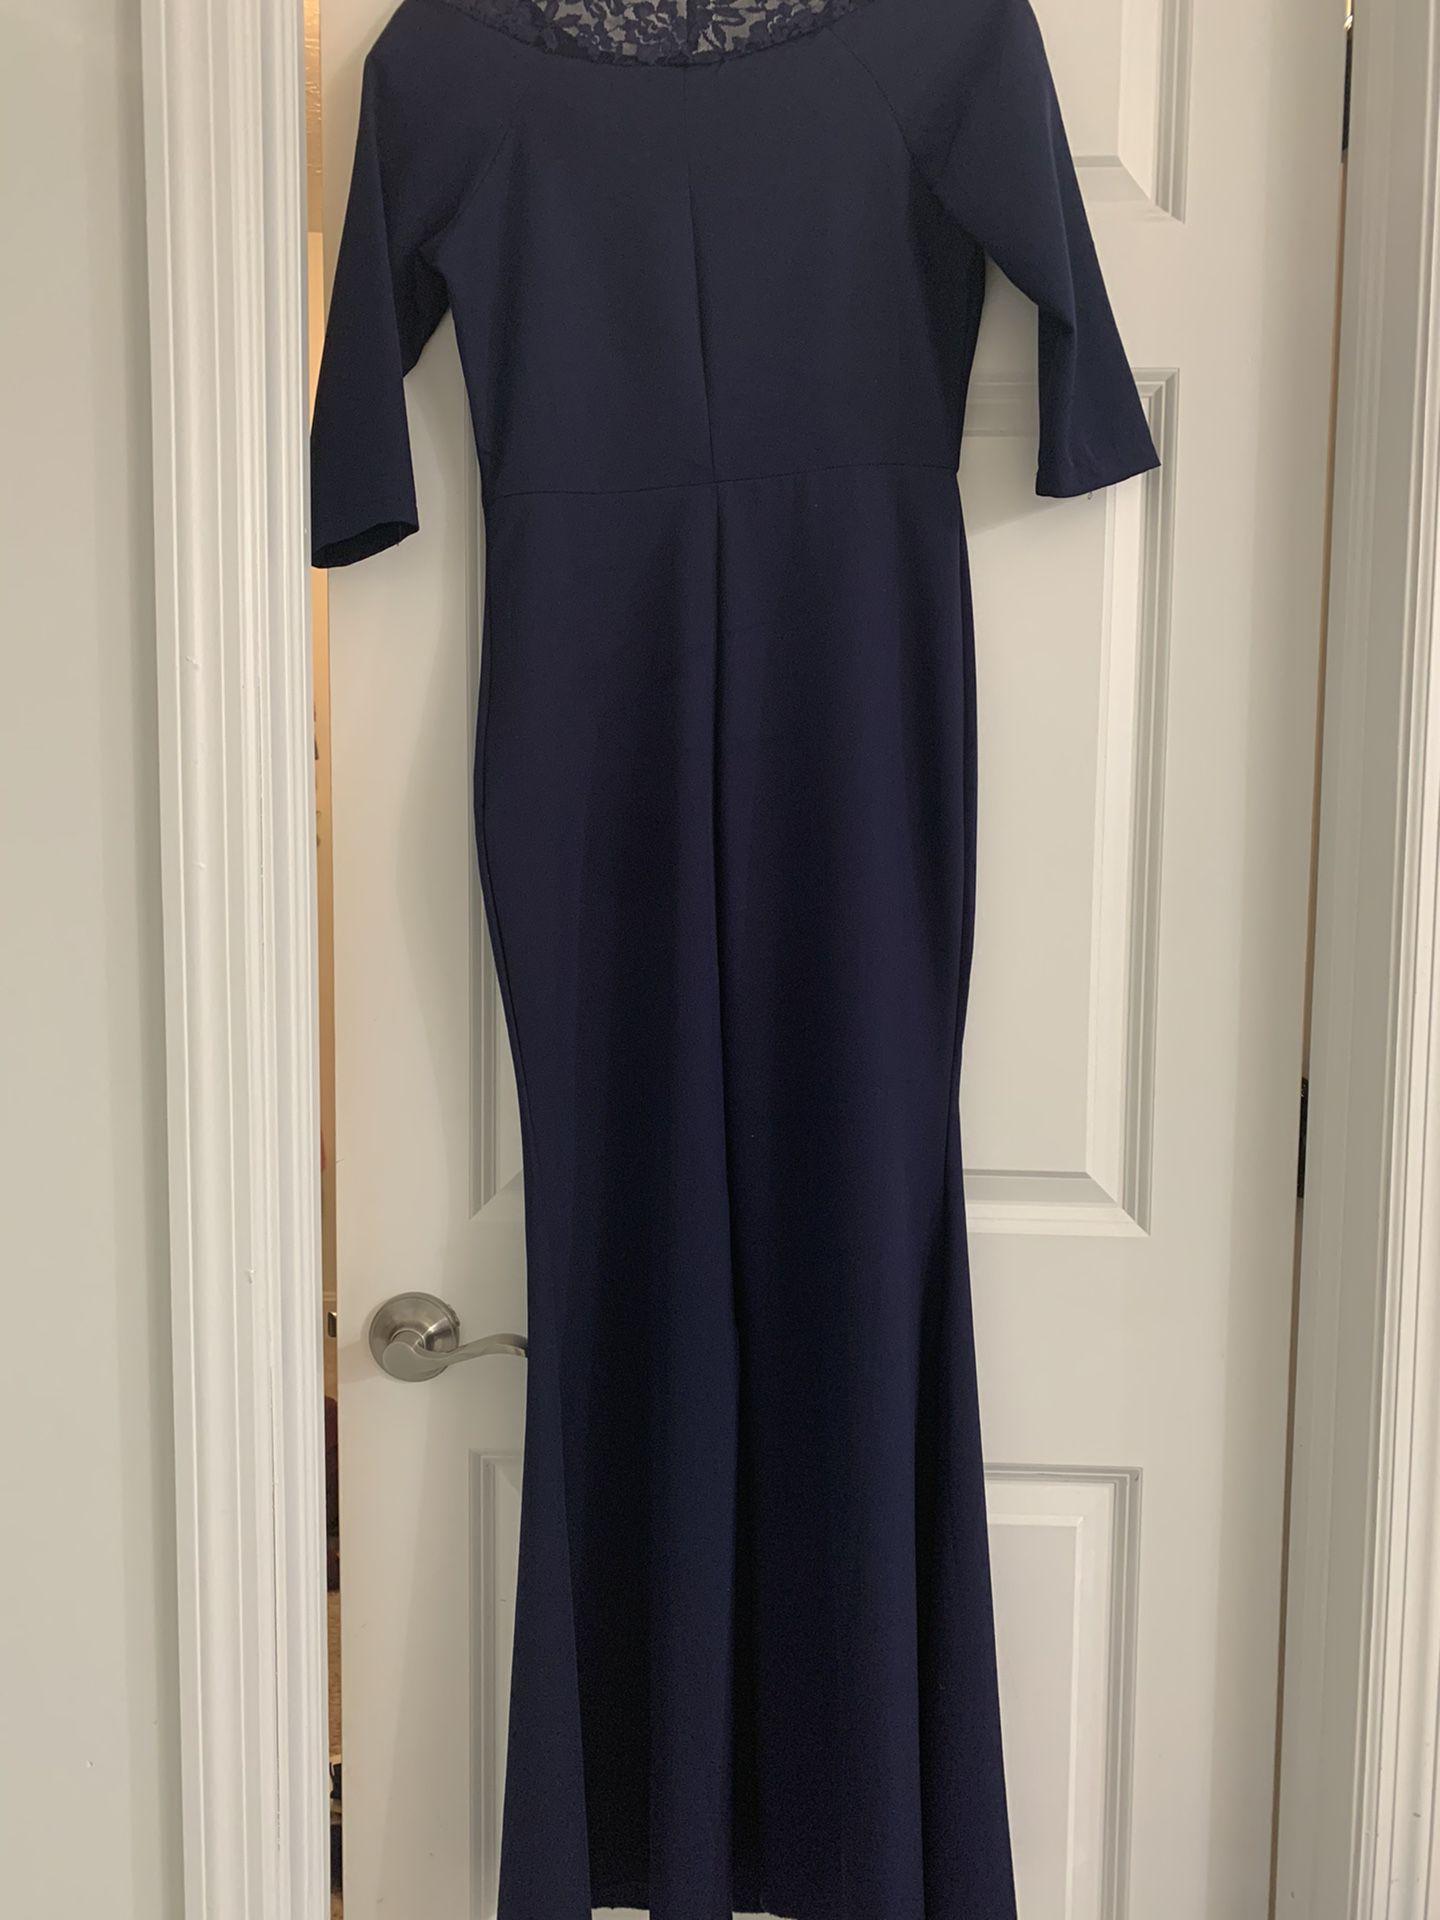 Size Small, Dark Blue Dress